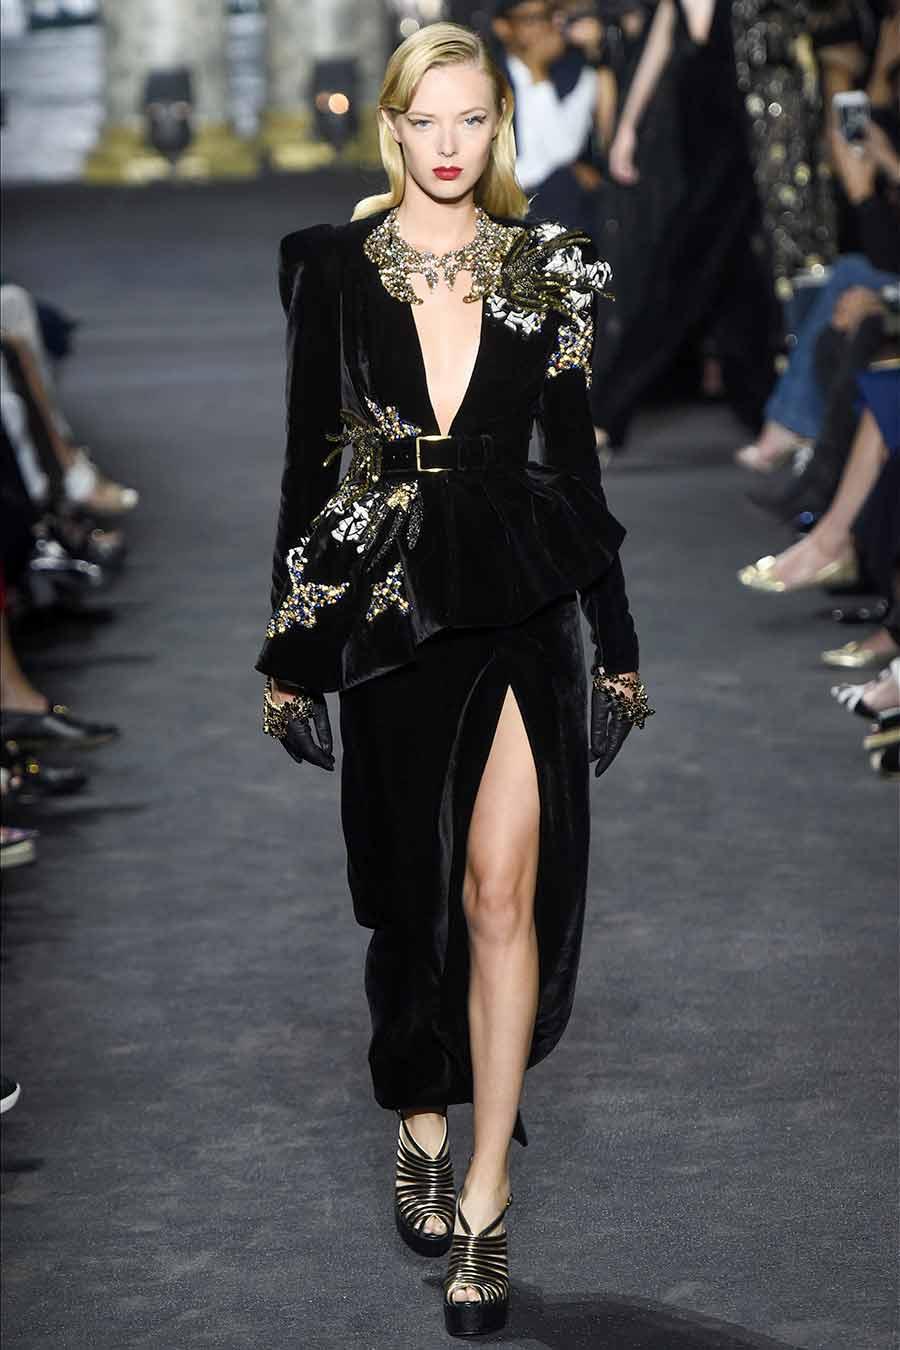 cristalli-look-elie-saab-haute-couture-abito-velluto-nero-applicazioni-cristalli-foto-3